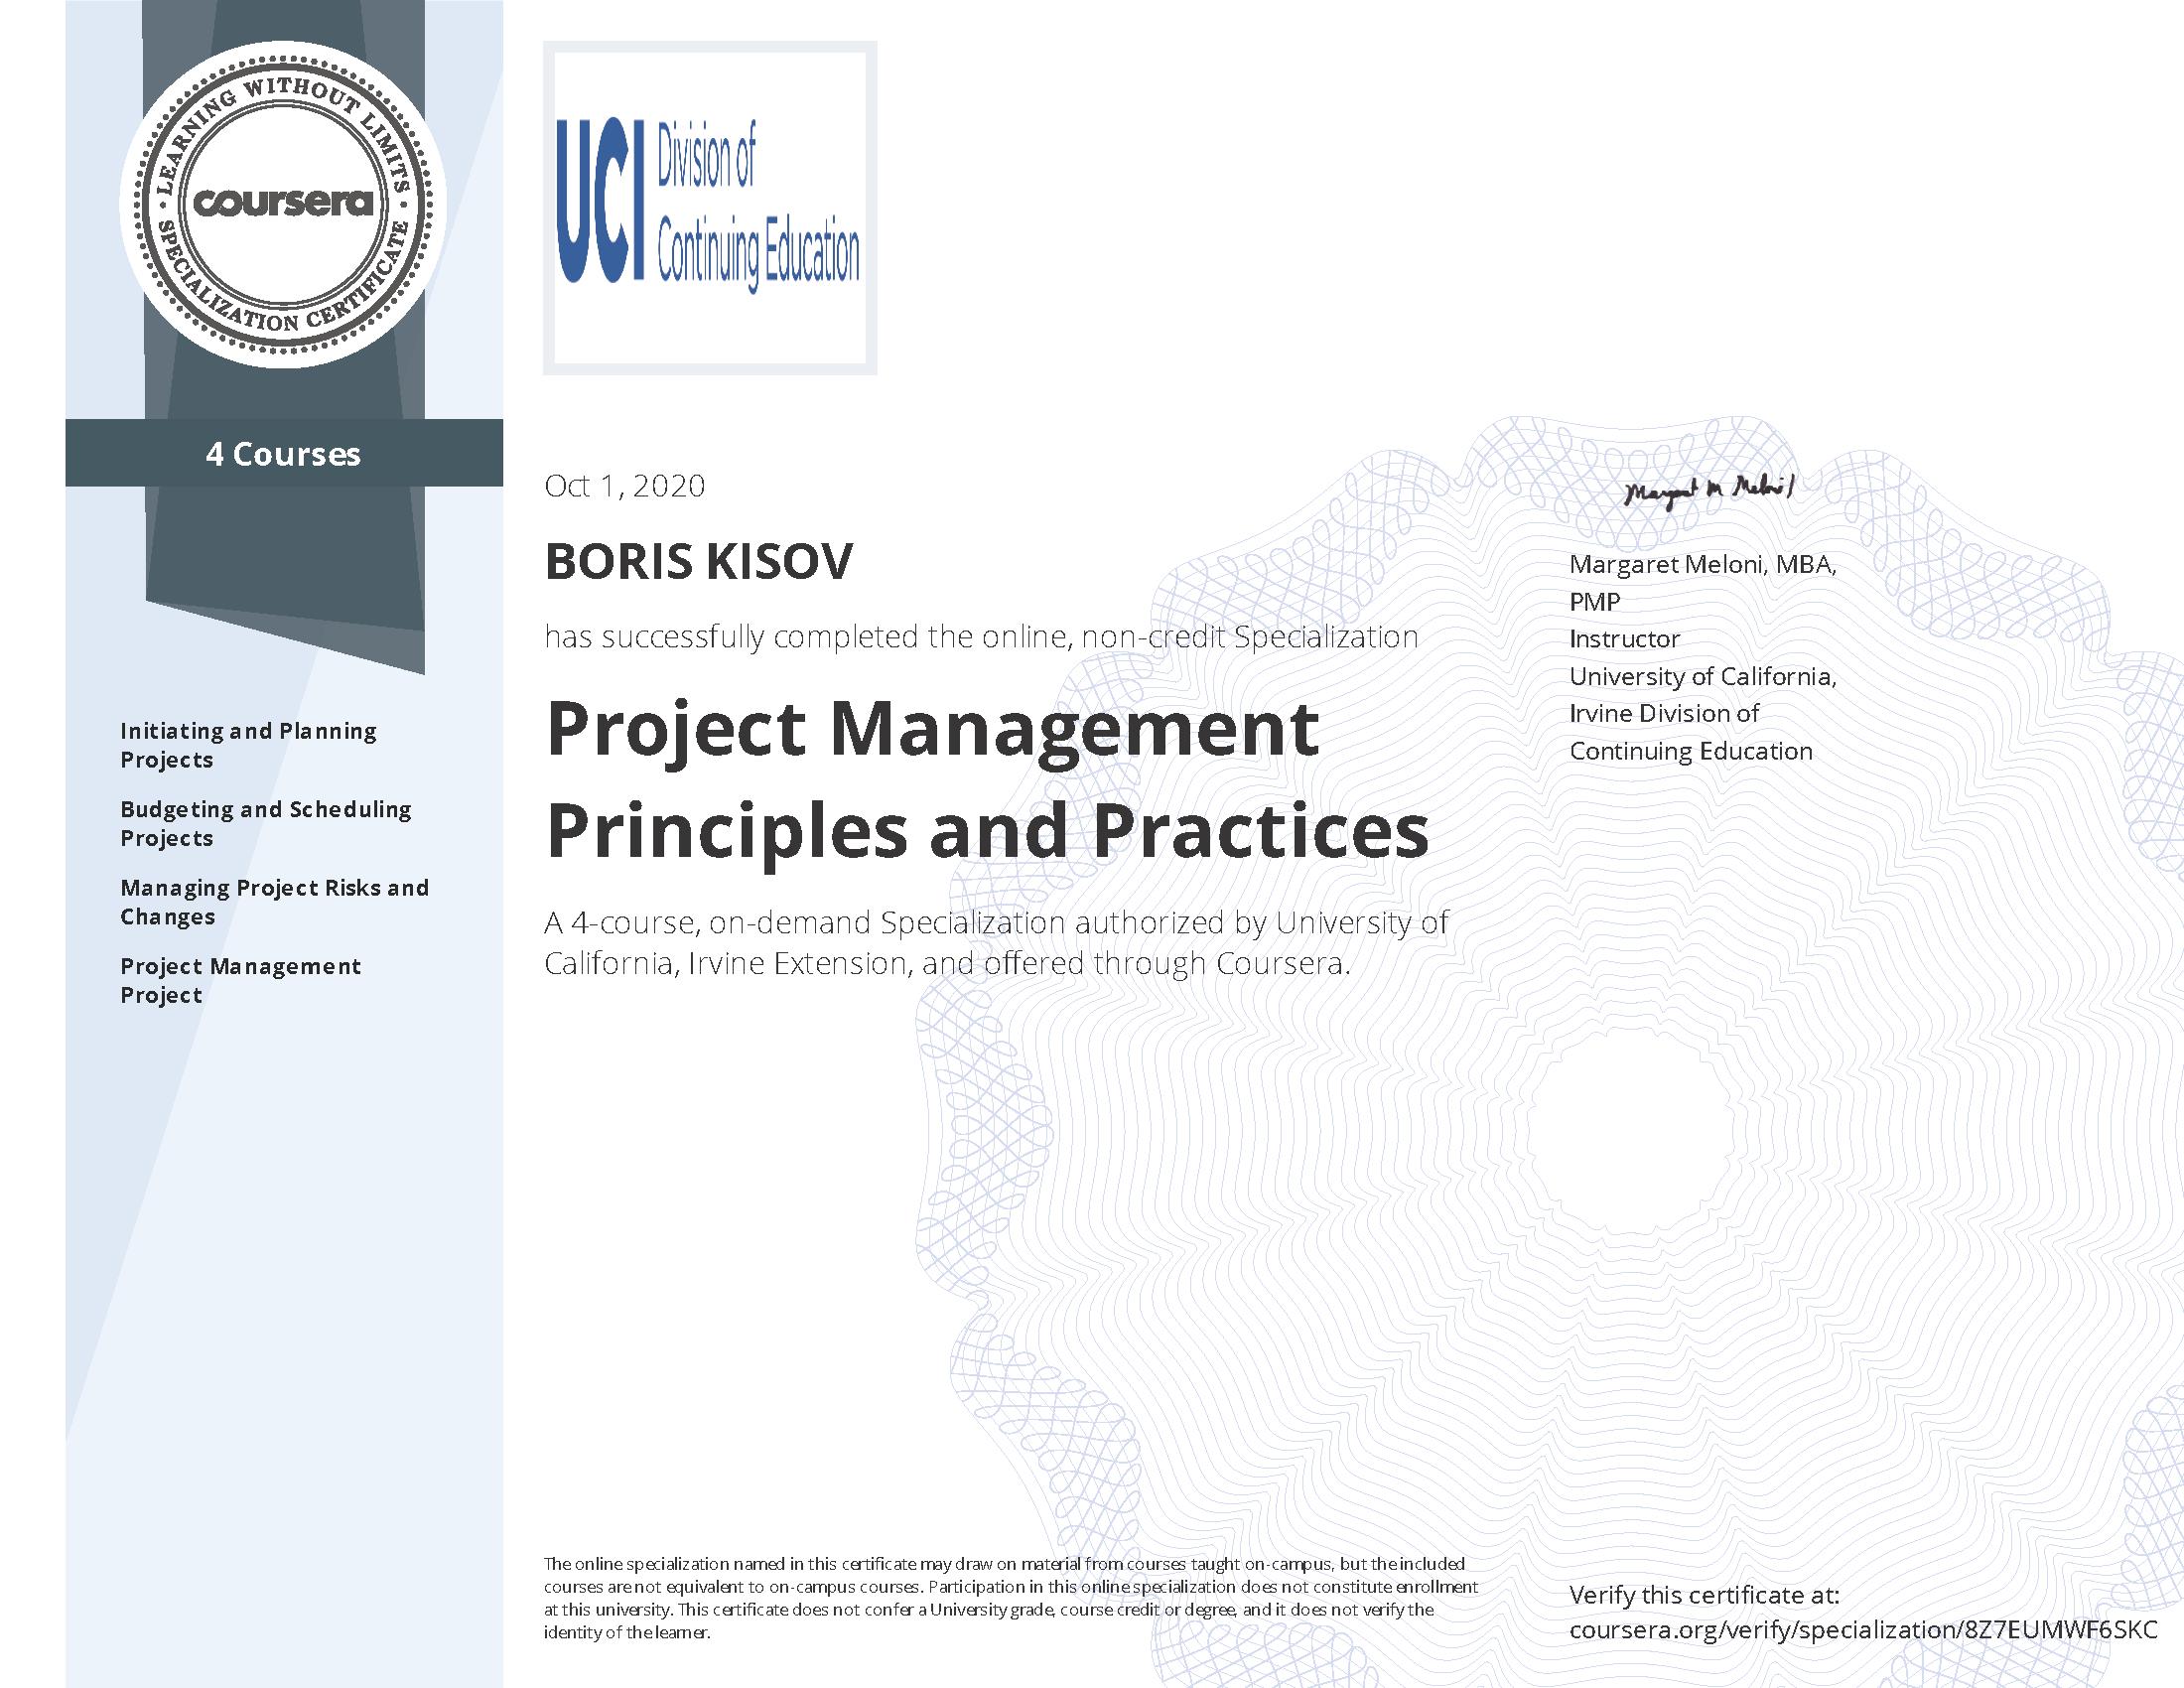 Project Management Principles